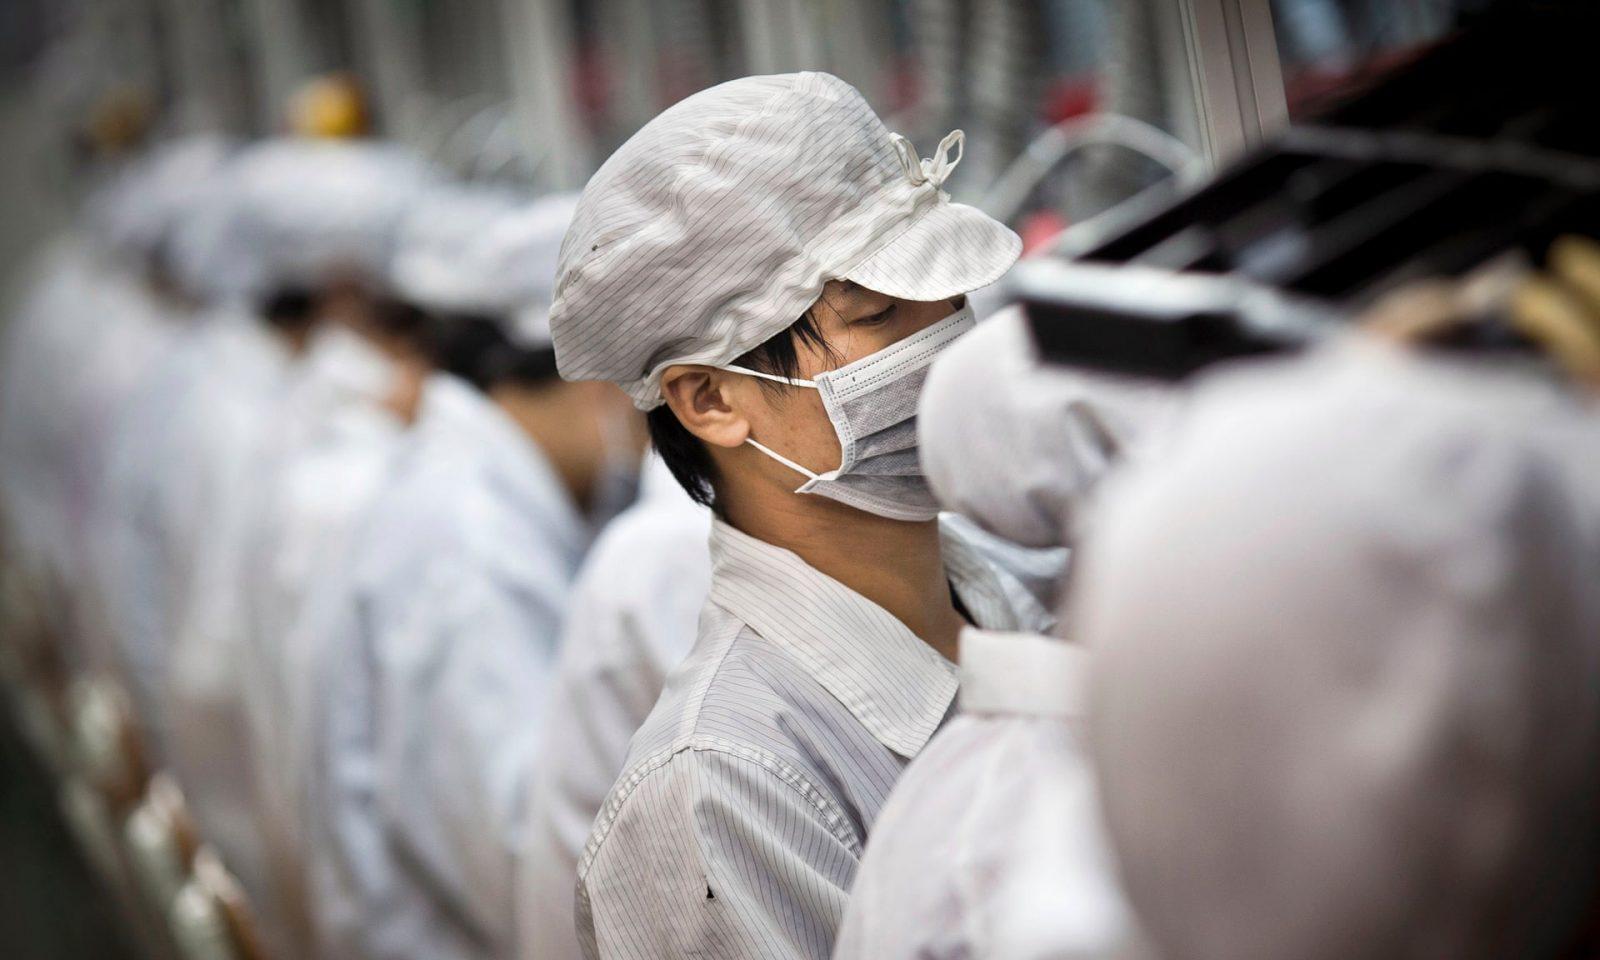 La production de smartphones en baisse face au coronavirus qui fait fermer des usines chinoises